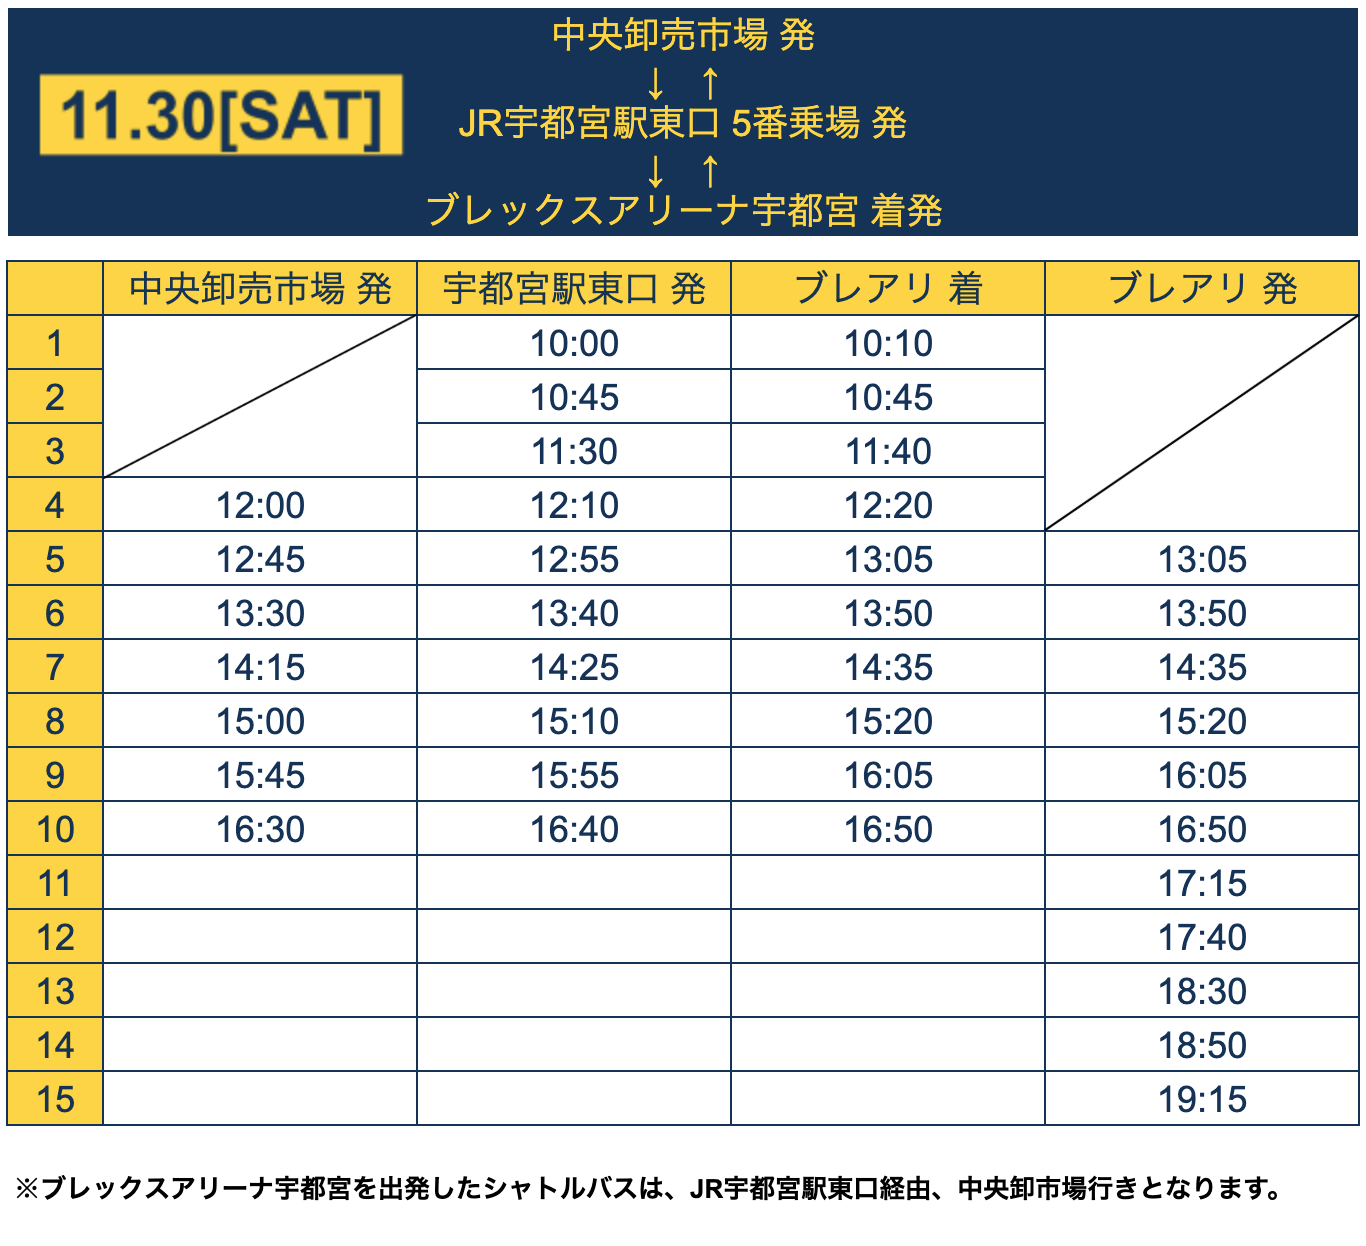 2019年11月30日(土) 無料シャトルバス時刻表